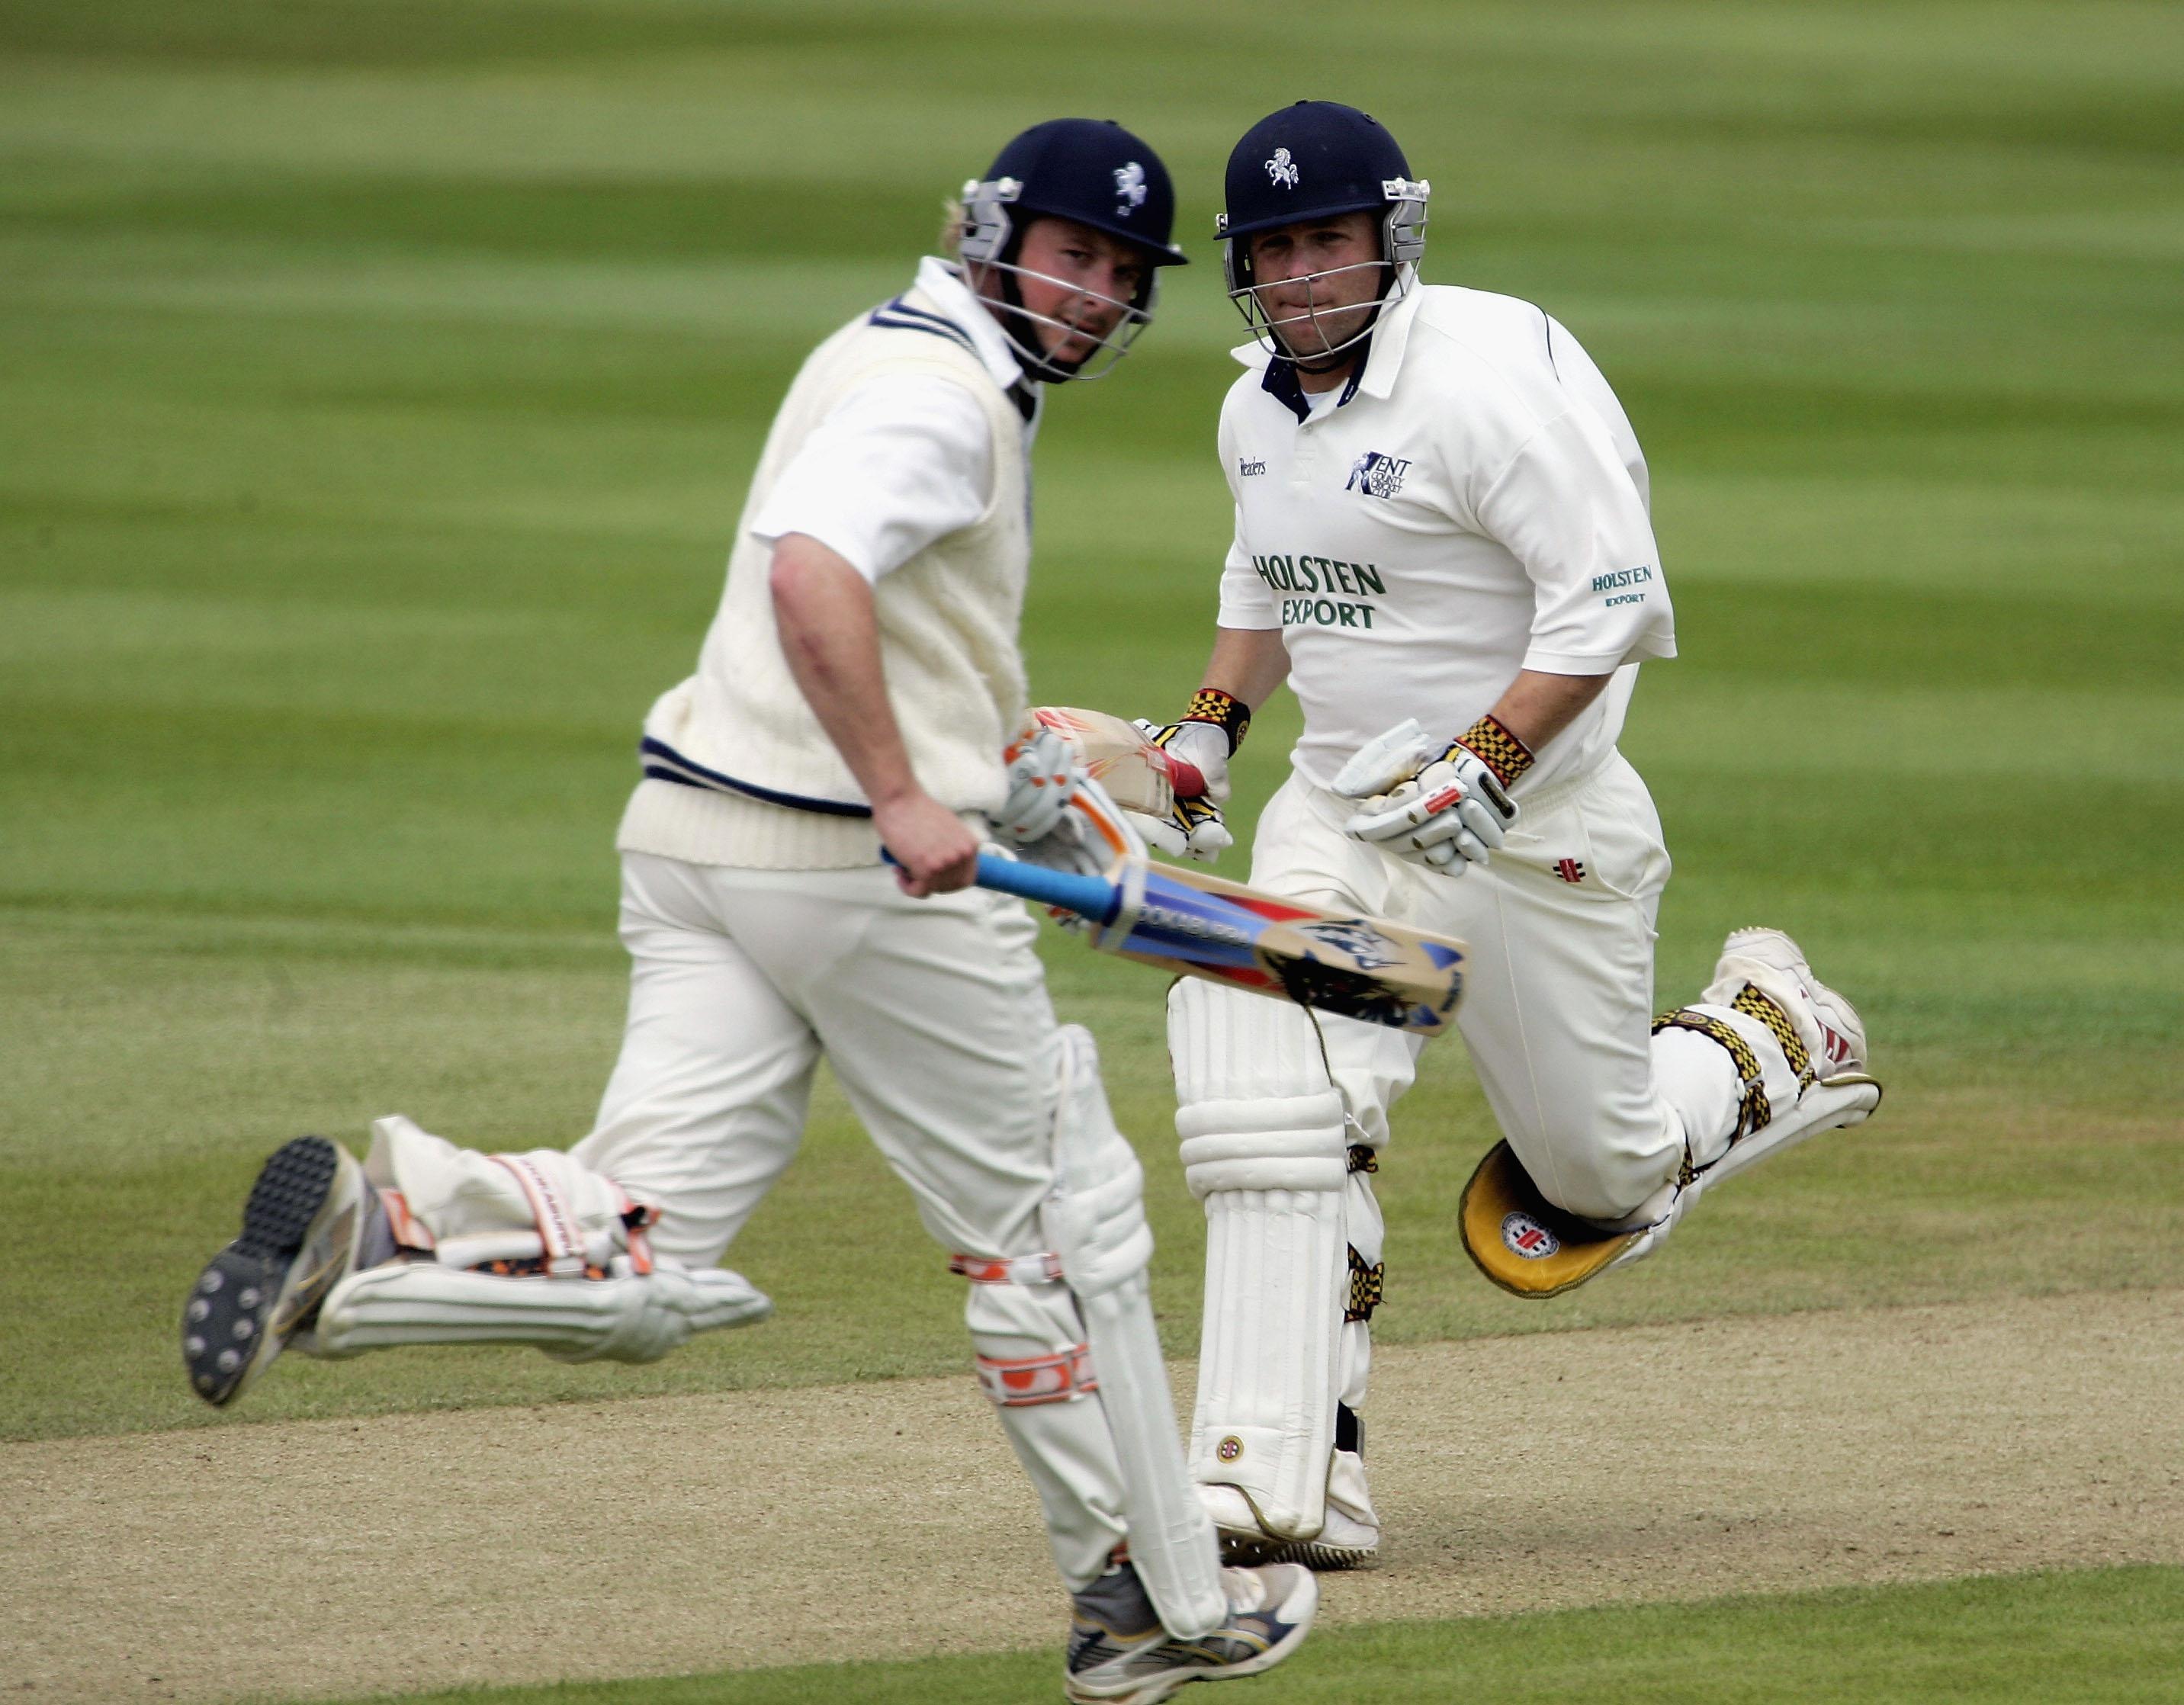 Kricketspiel zwischen Warwickshire und Kent in Birmingham